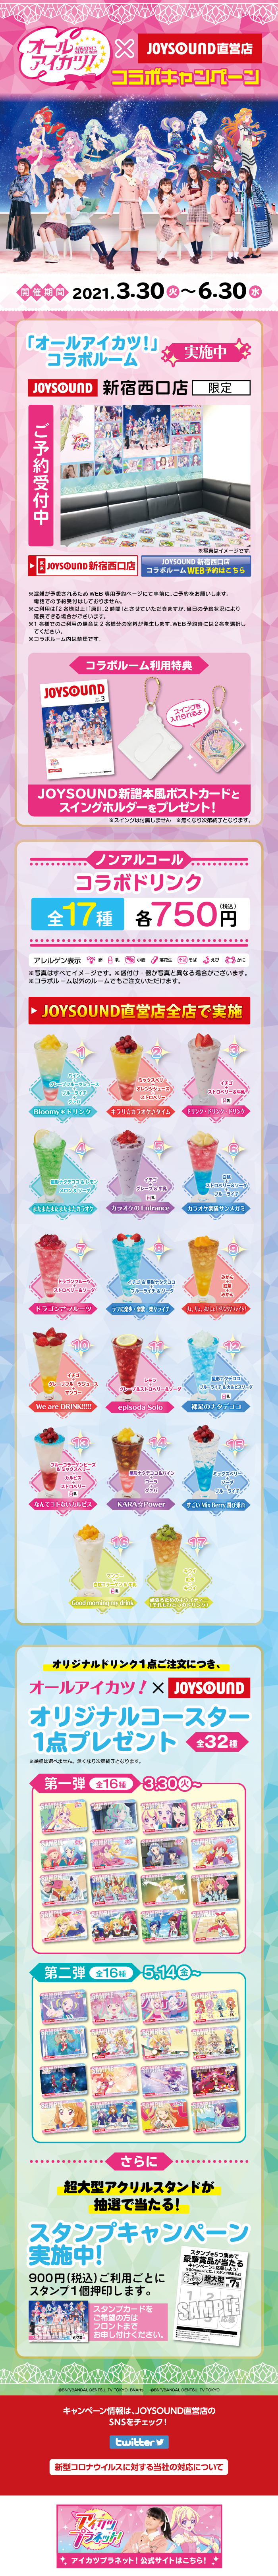 「オールアイカツ!」×JOYSOUND直営店コラボキャンペーン